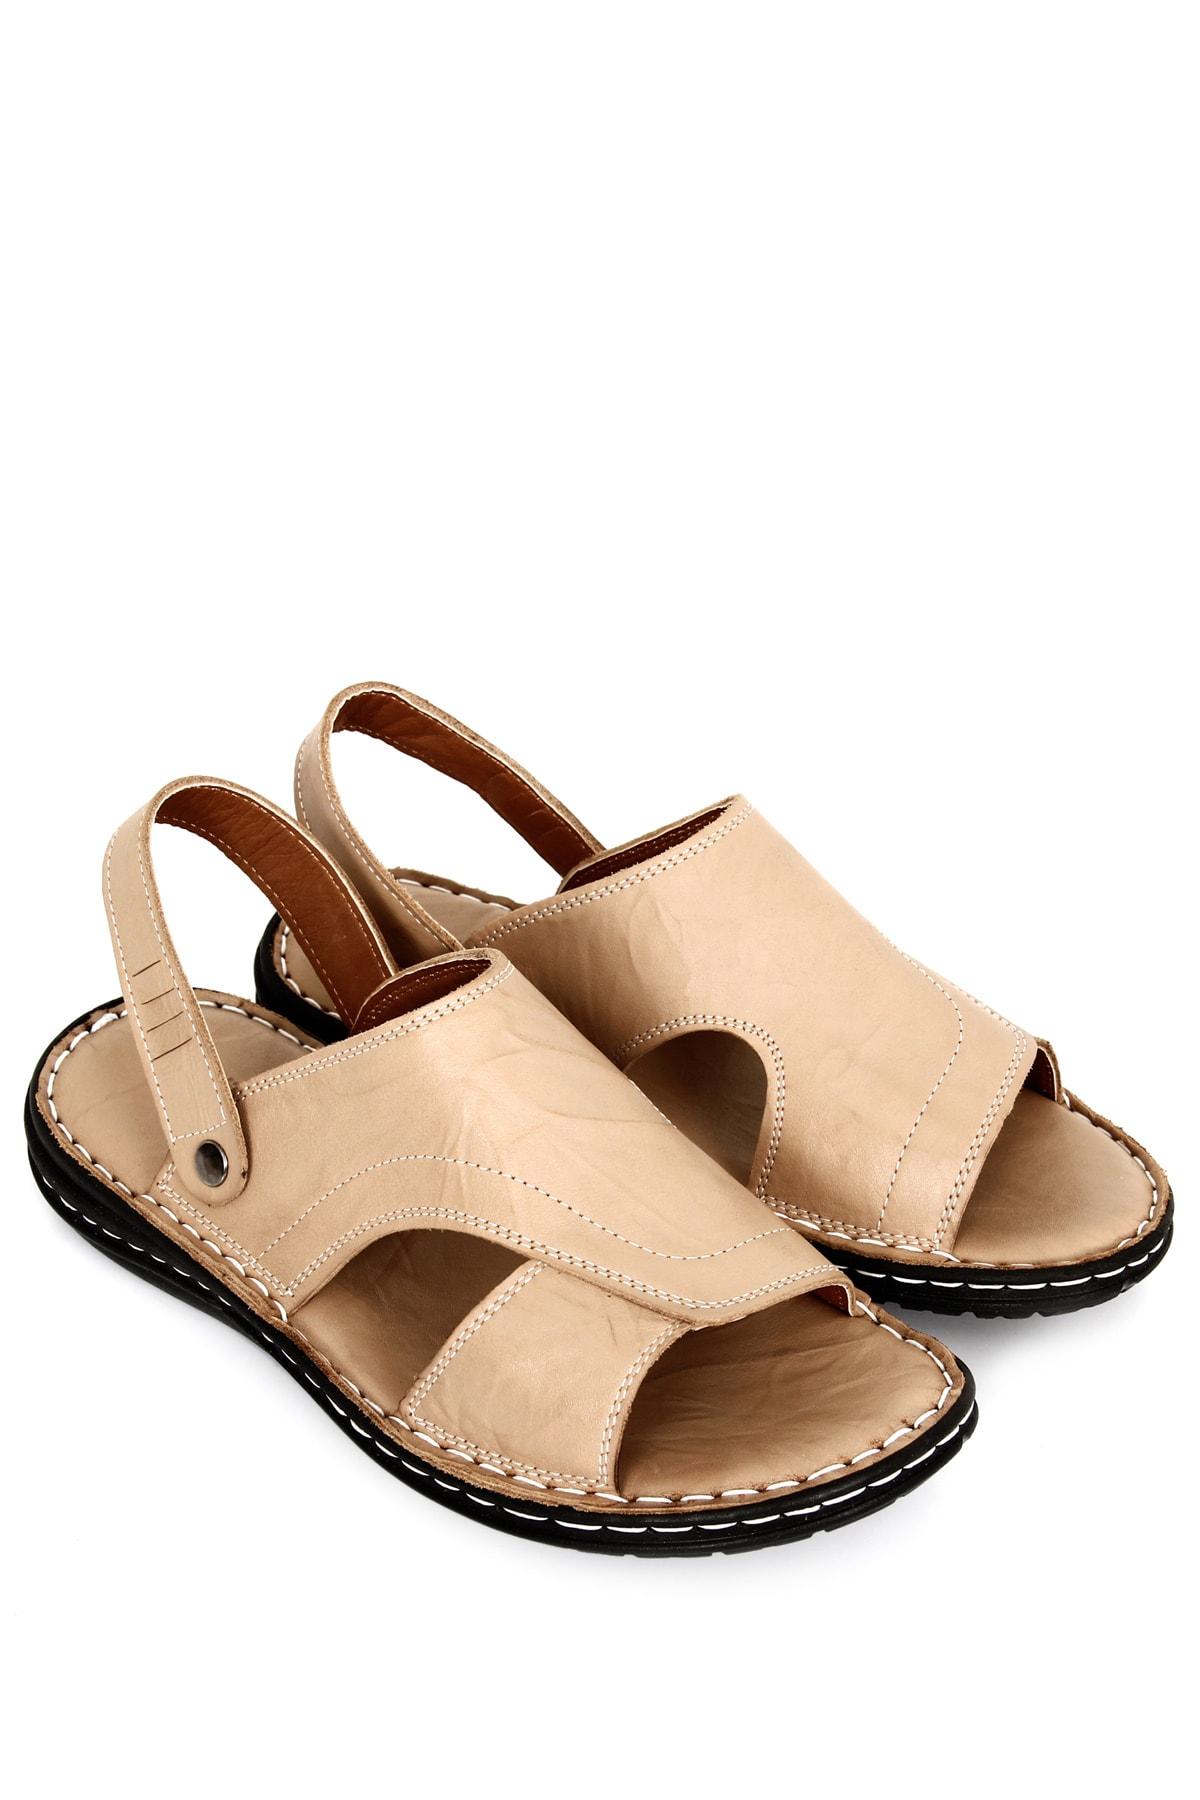 GÖNDERİ(R) Hakiki Deri Bej Antik Erkek Sandalet 20607